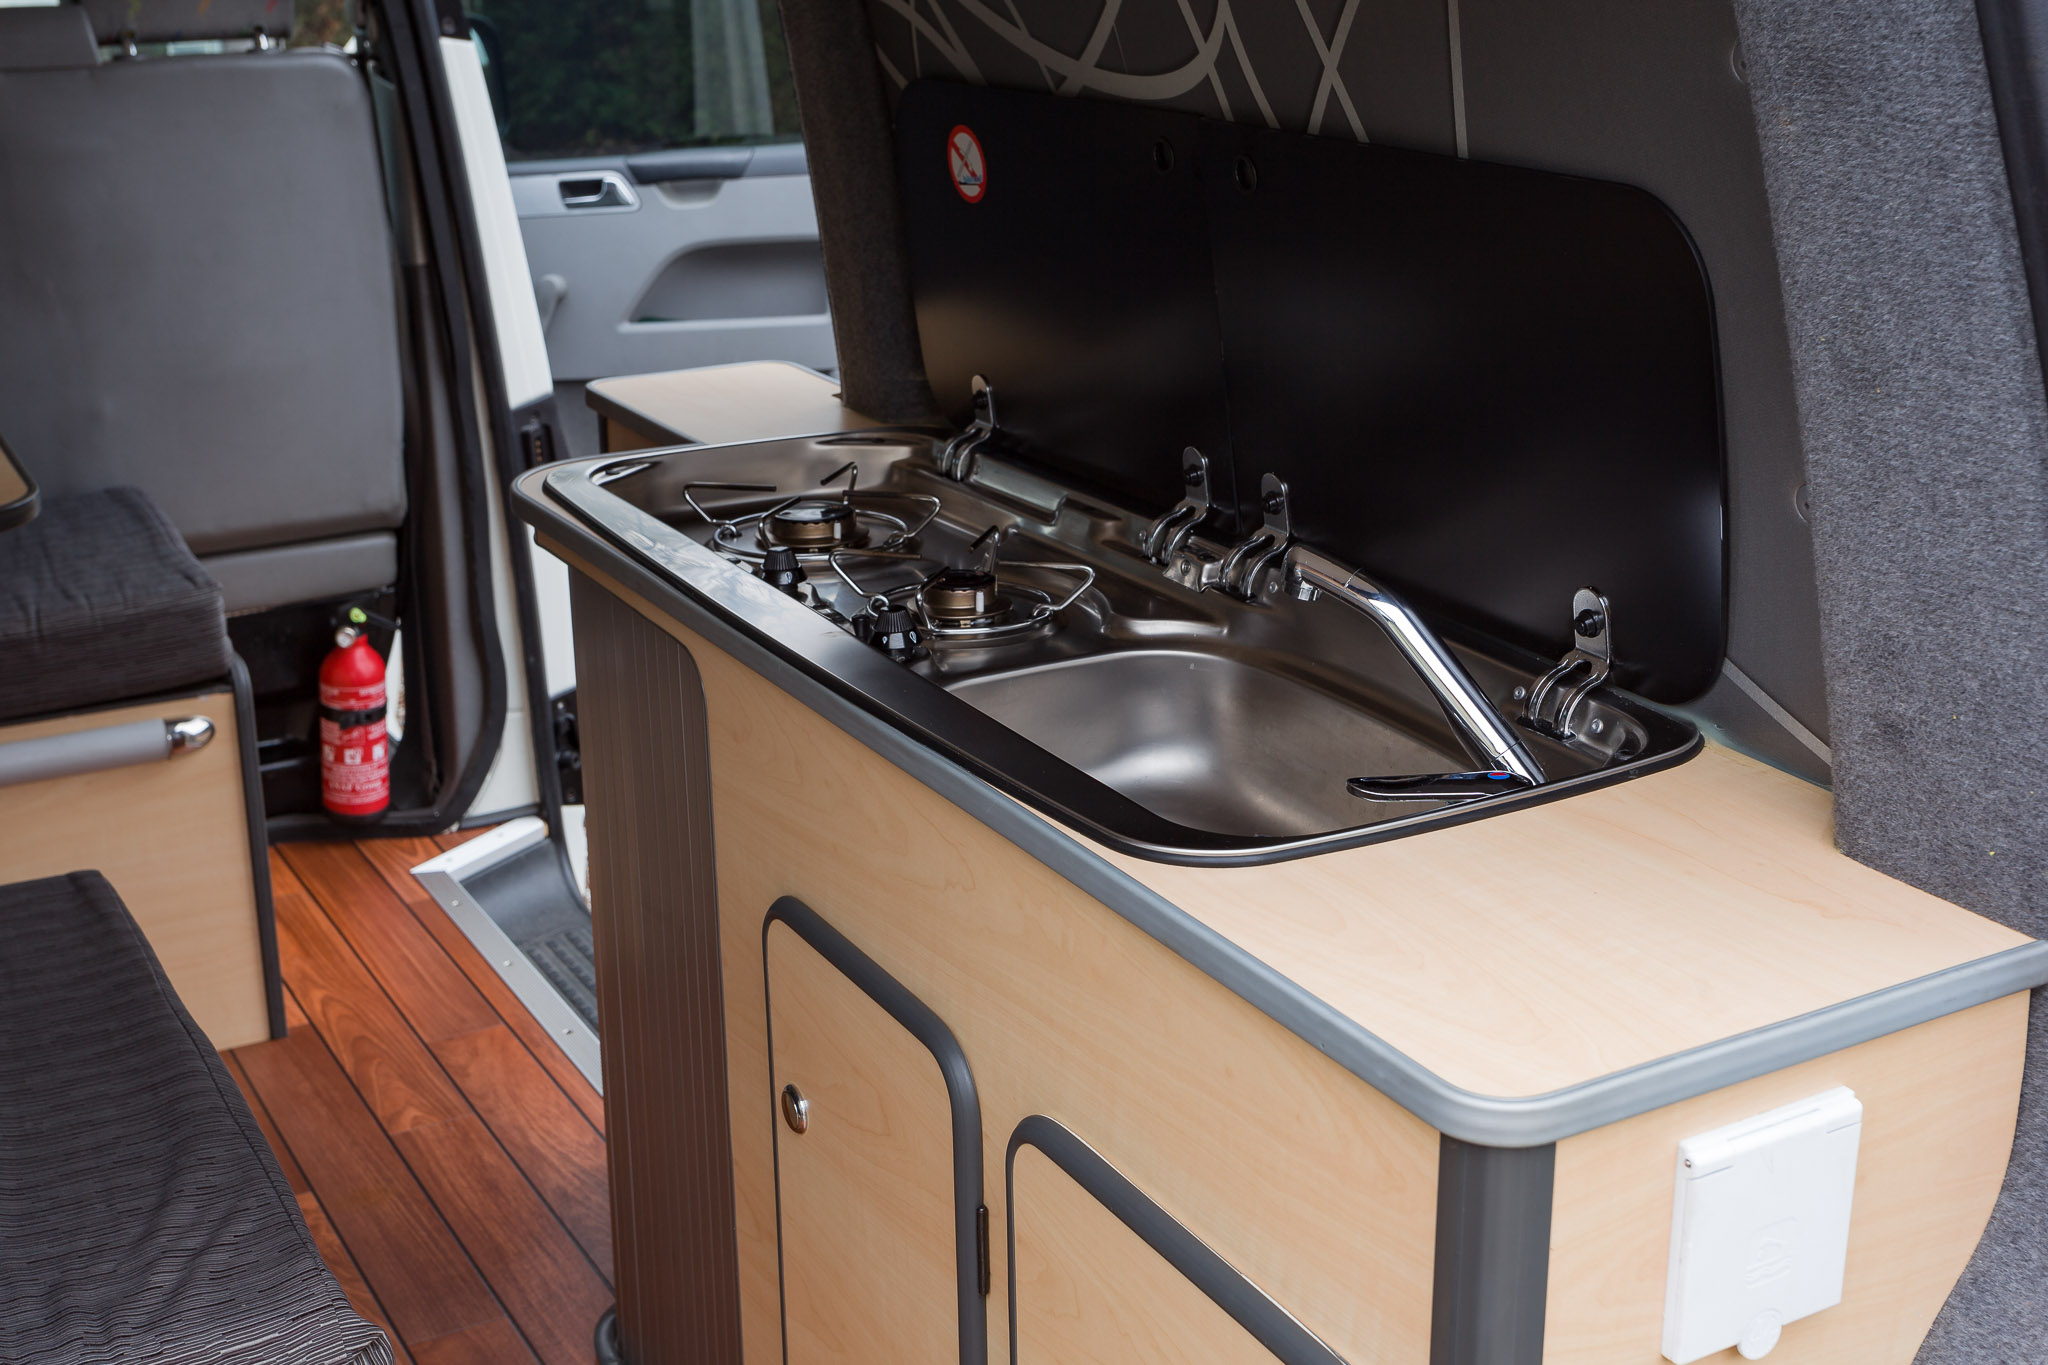 Amenagement interieur placard camping car 20170916164947 - Camion amenage pour cuisine ...